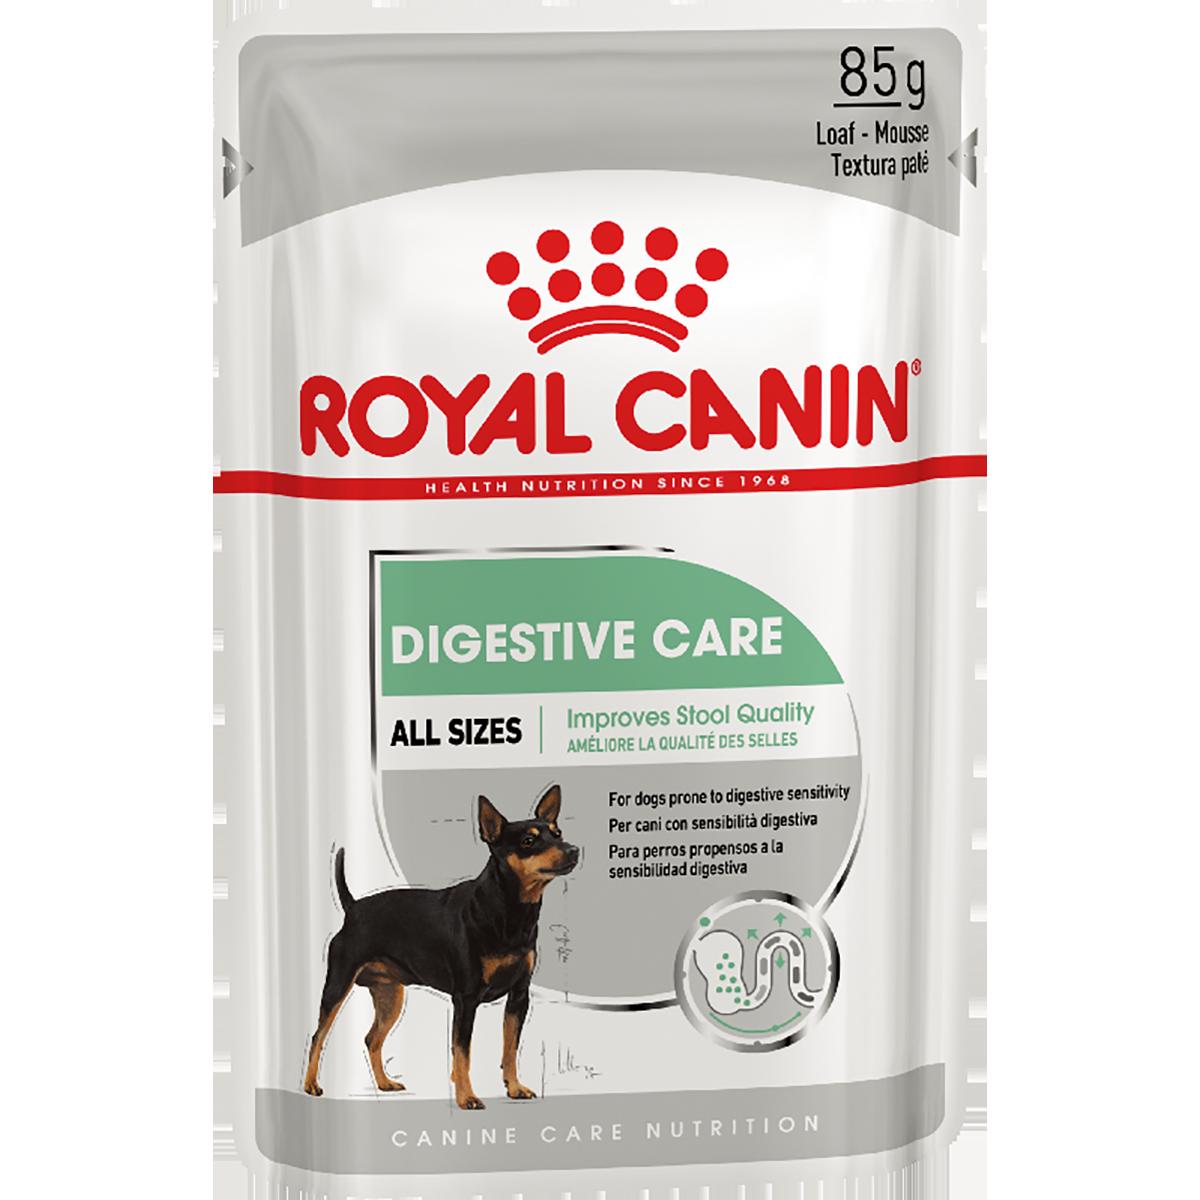 Консервированный корм для собак ROYAL CANIN DIGESTIVE CARE паштет, 12шт*85 г